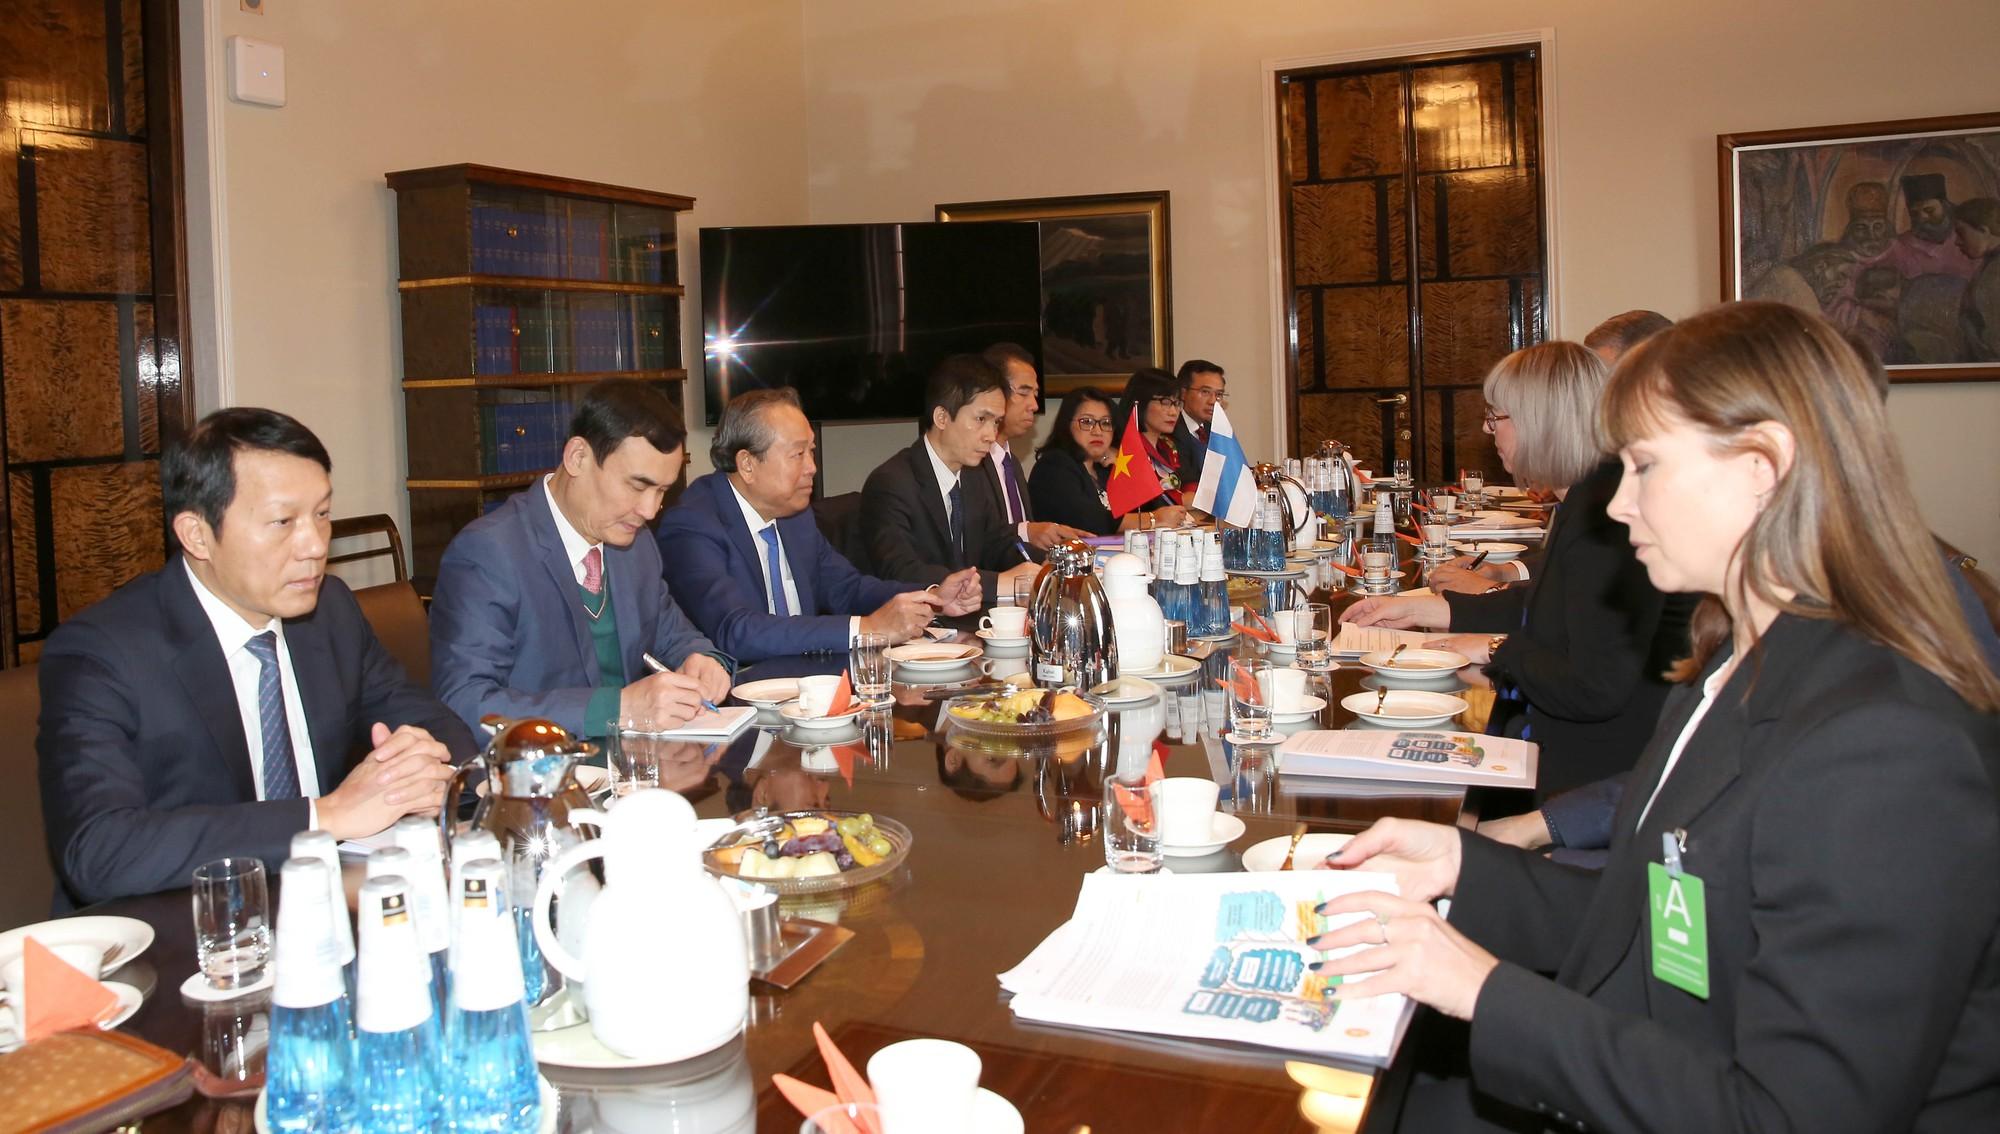 Phó Thủ tướng Trương Hòa Bình hội kiến Thủ tướng Phần Lan Antii Rinne - Ảnh 4.